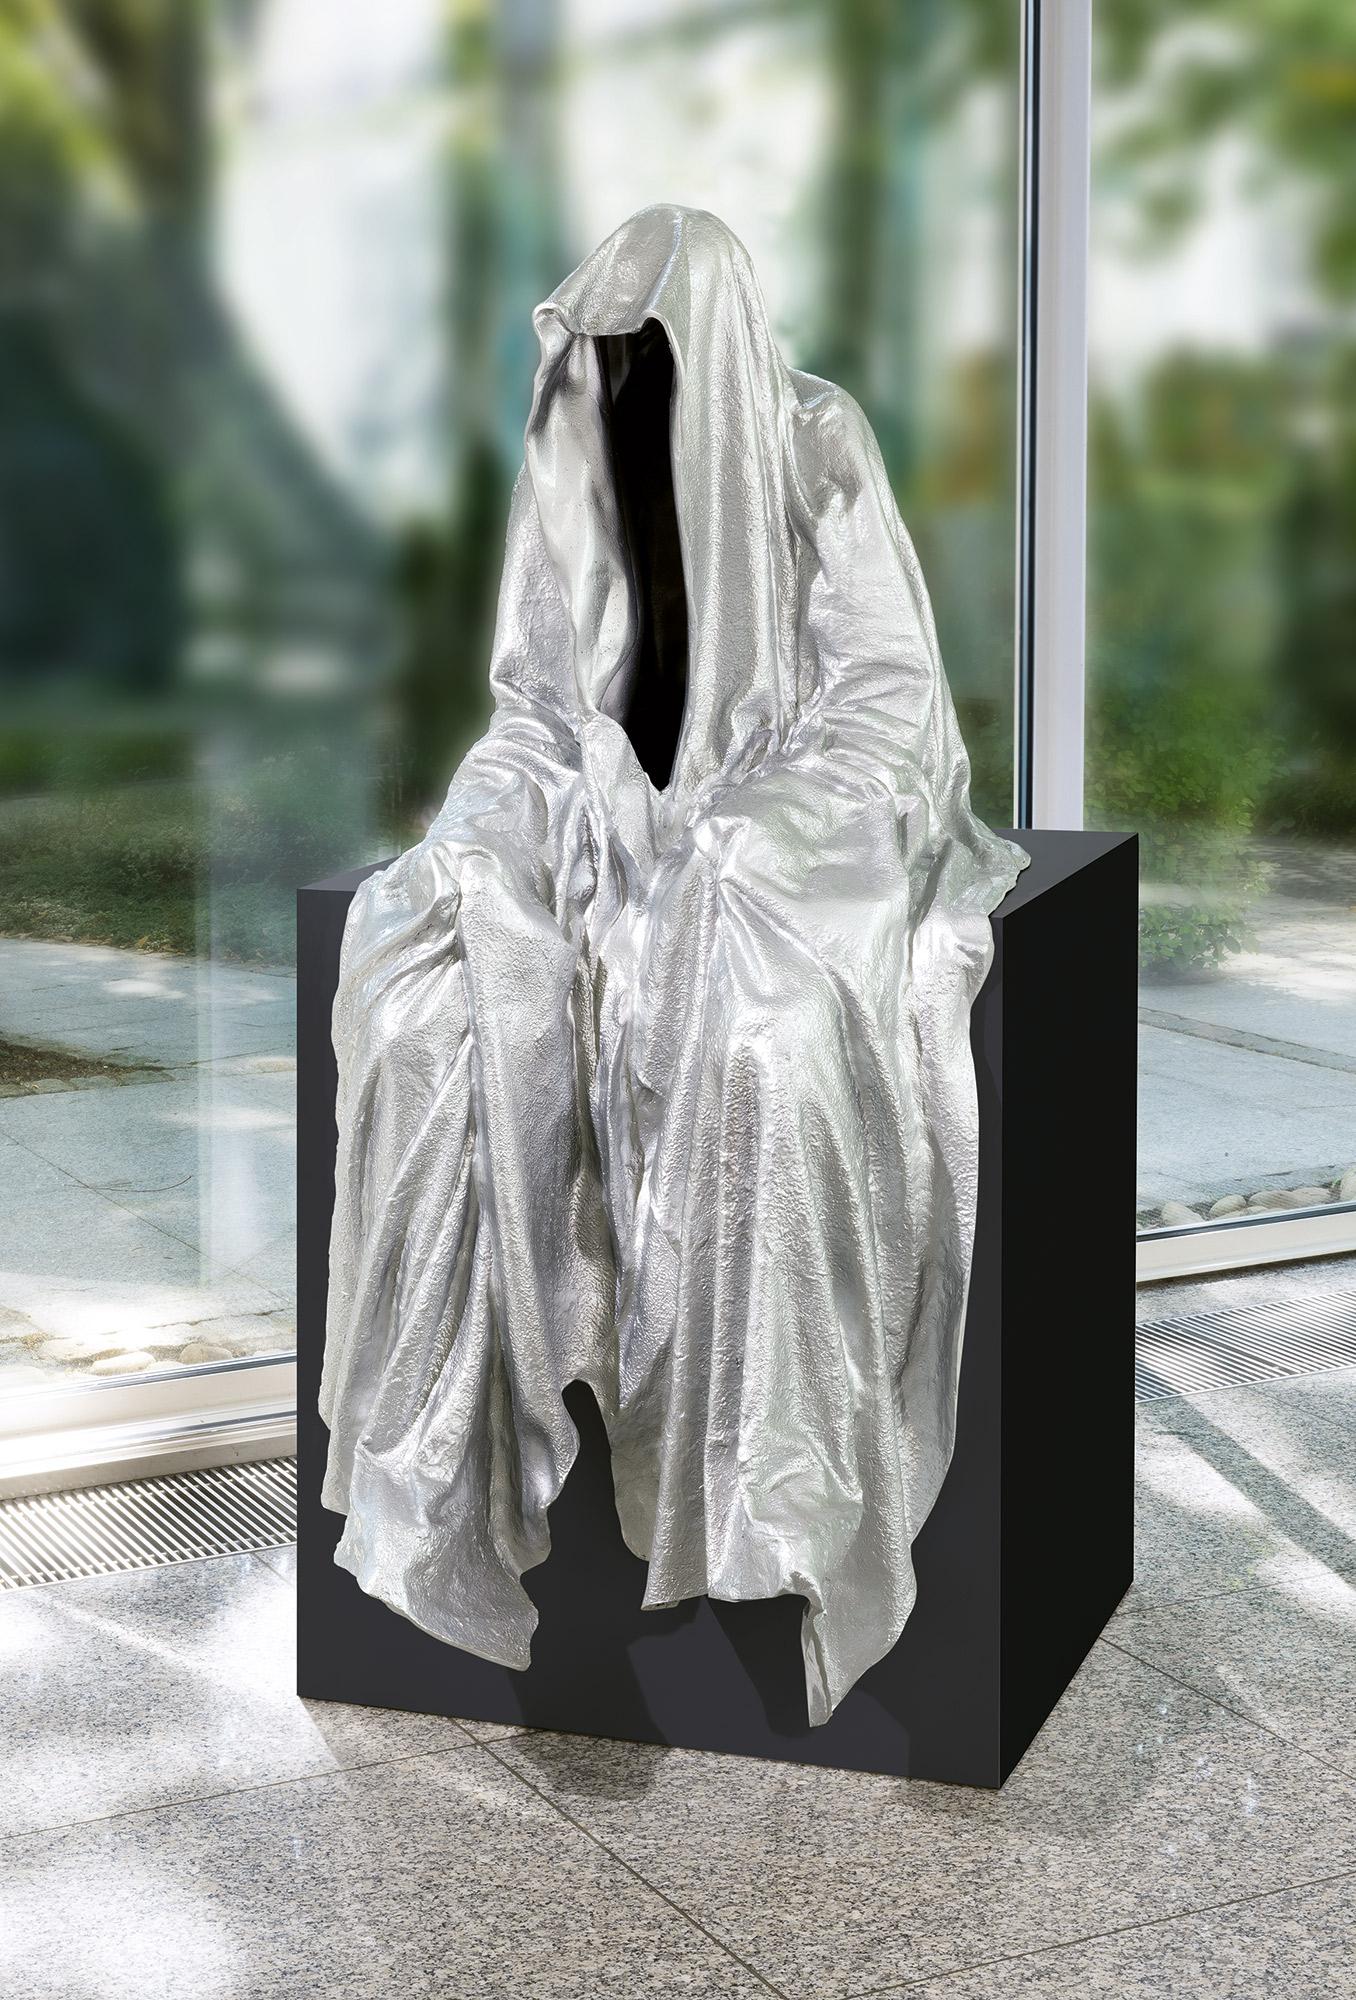 87773_art-foundry-strassacker-guardians-of-time-manfred-kielnhofer-sculpture-statue-ghost-faceless-bronze-fineart-arts-contemporary-art-modern-design